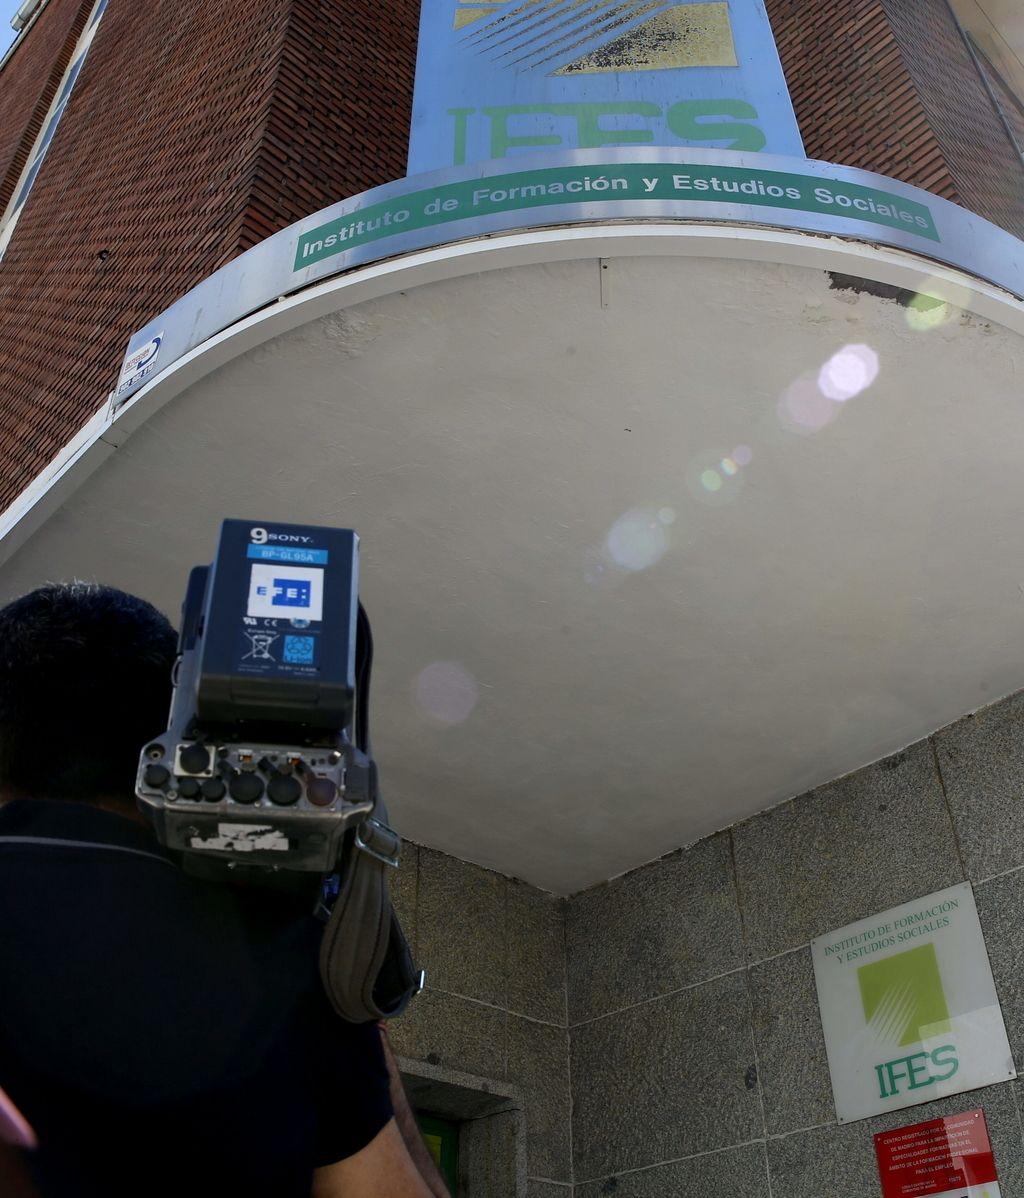 Registran las sedes del Instituto de Formación de UGT en Madrid y Sevilla